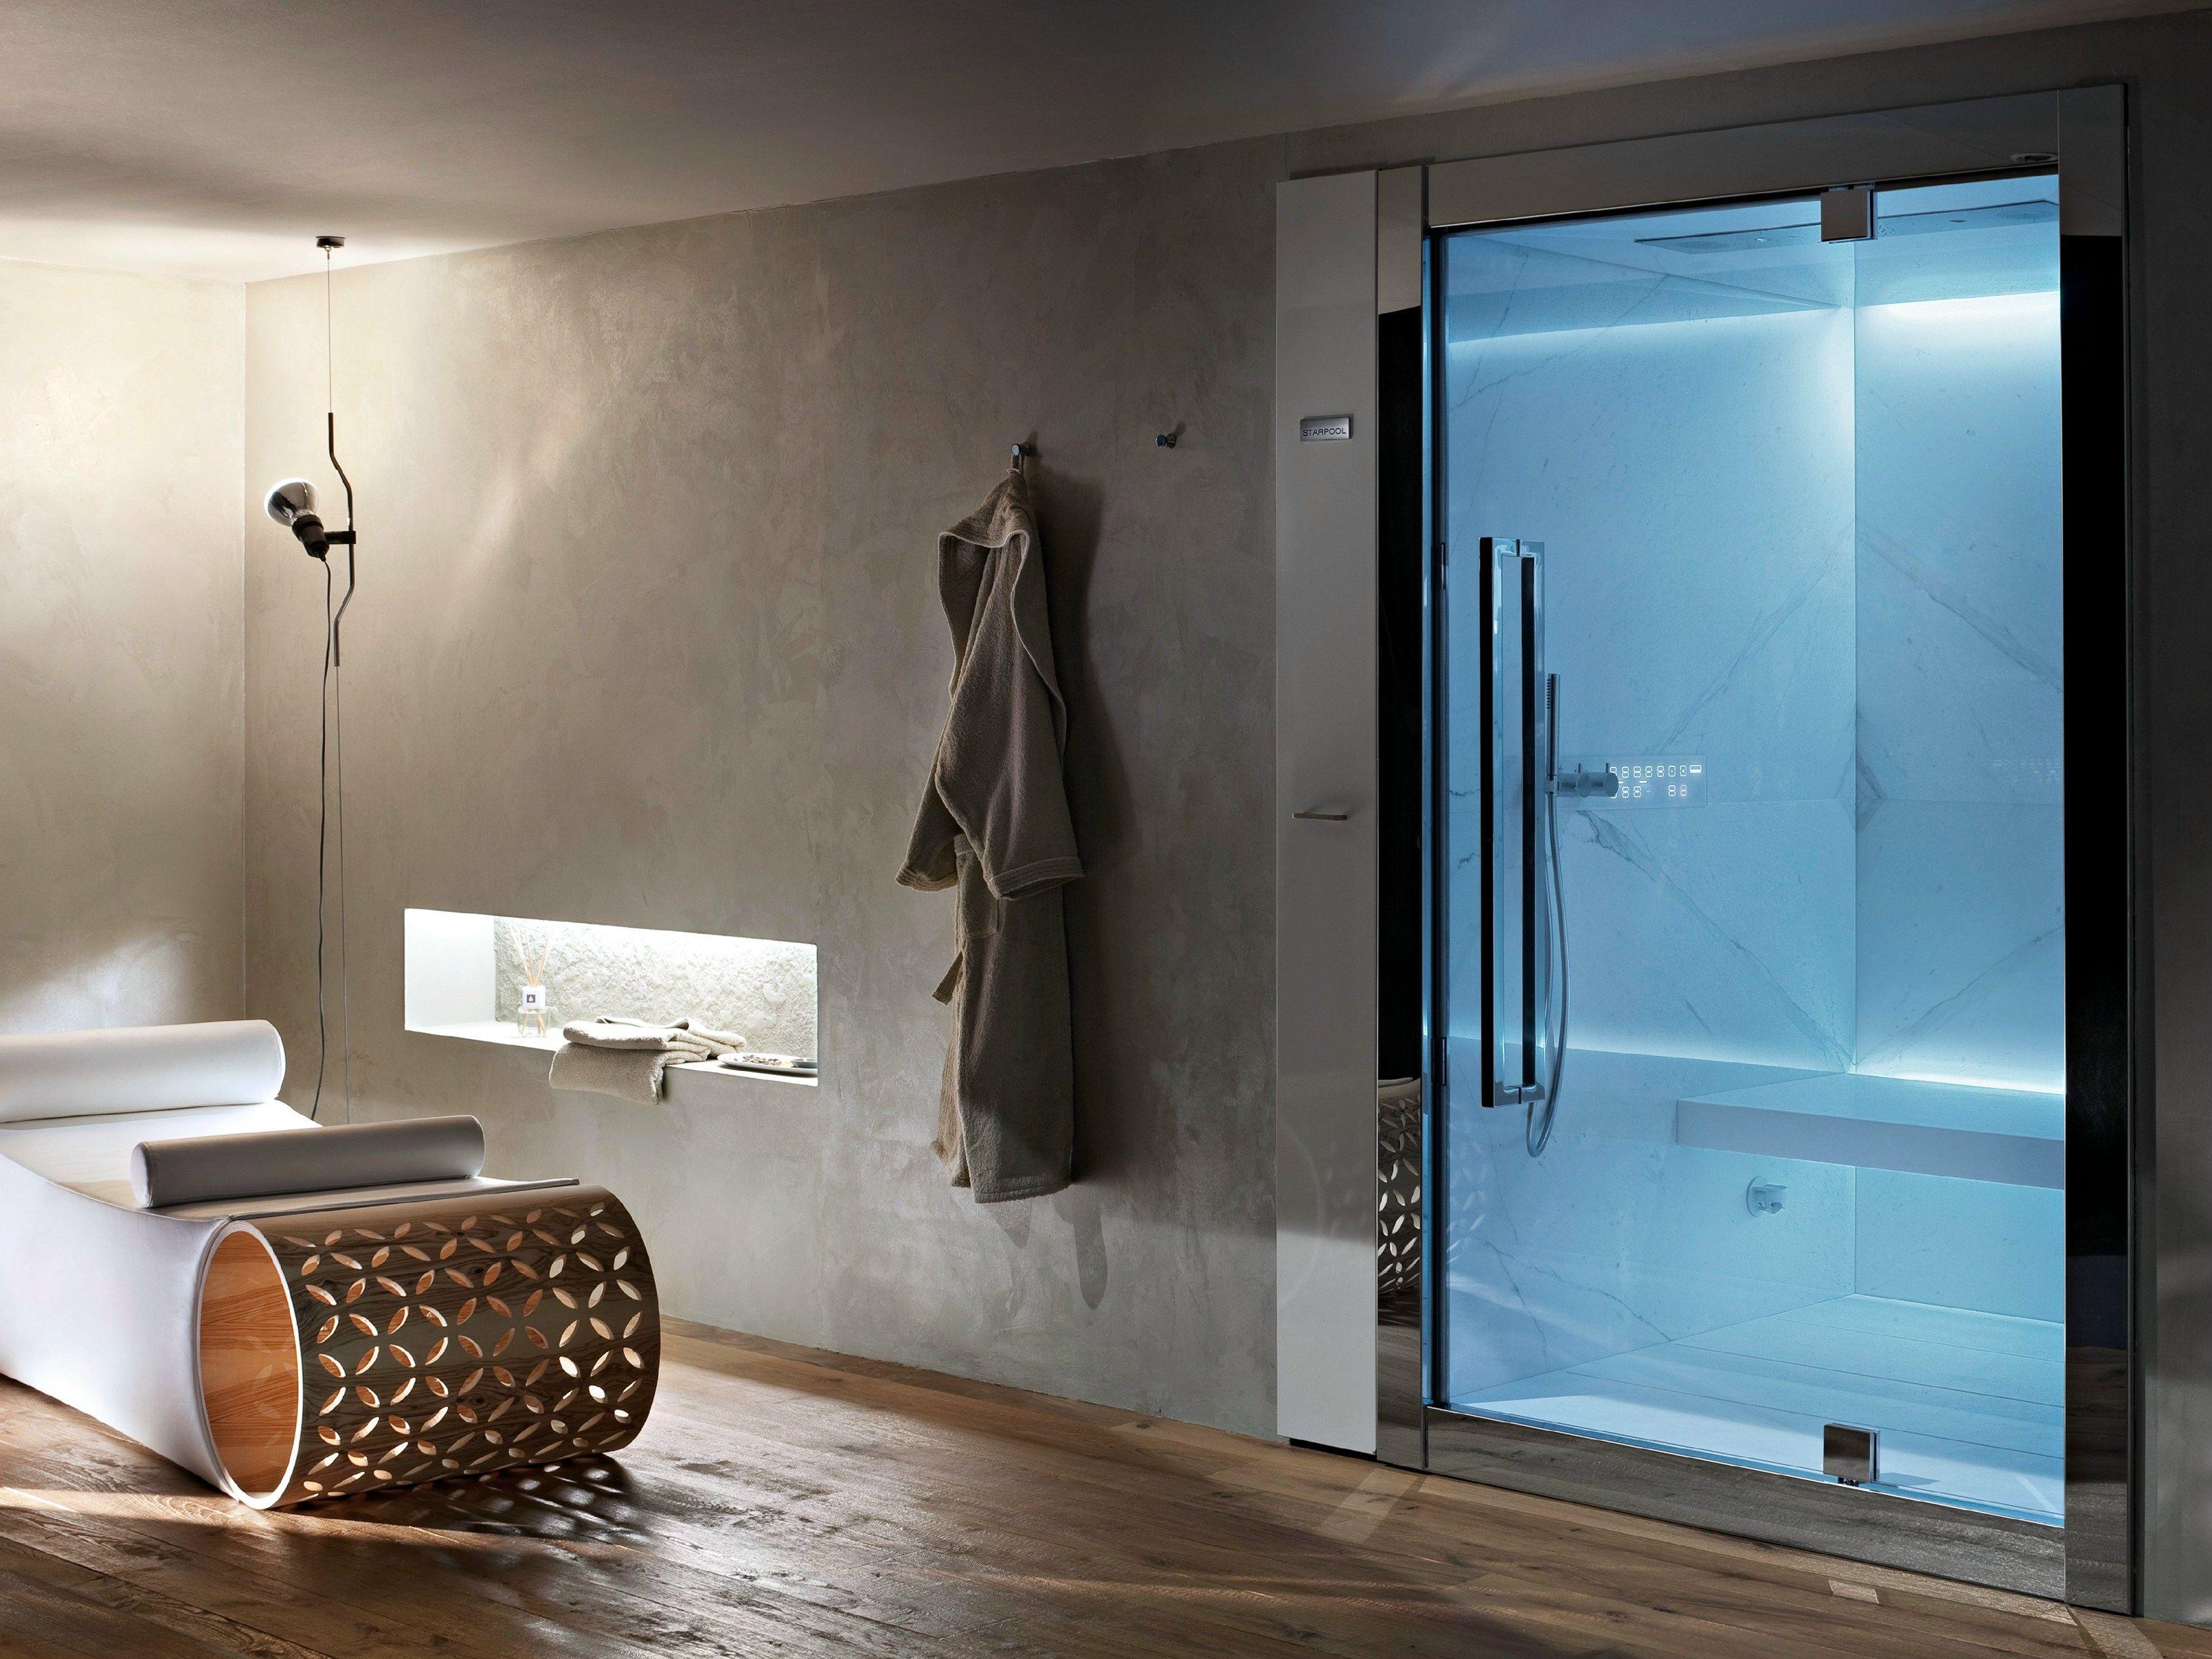 Panche per bagno turco sauna o bagno turco a ognuno il suo